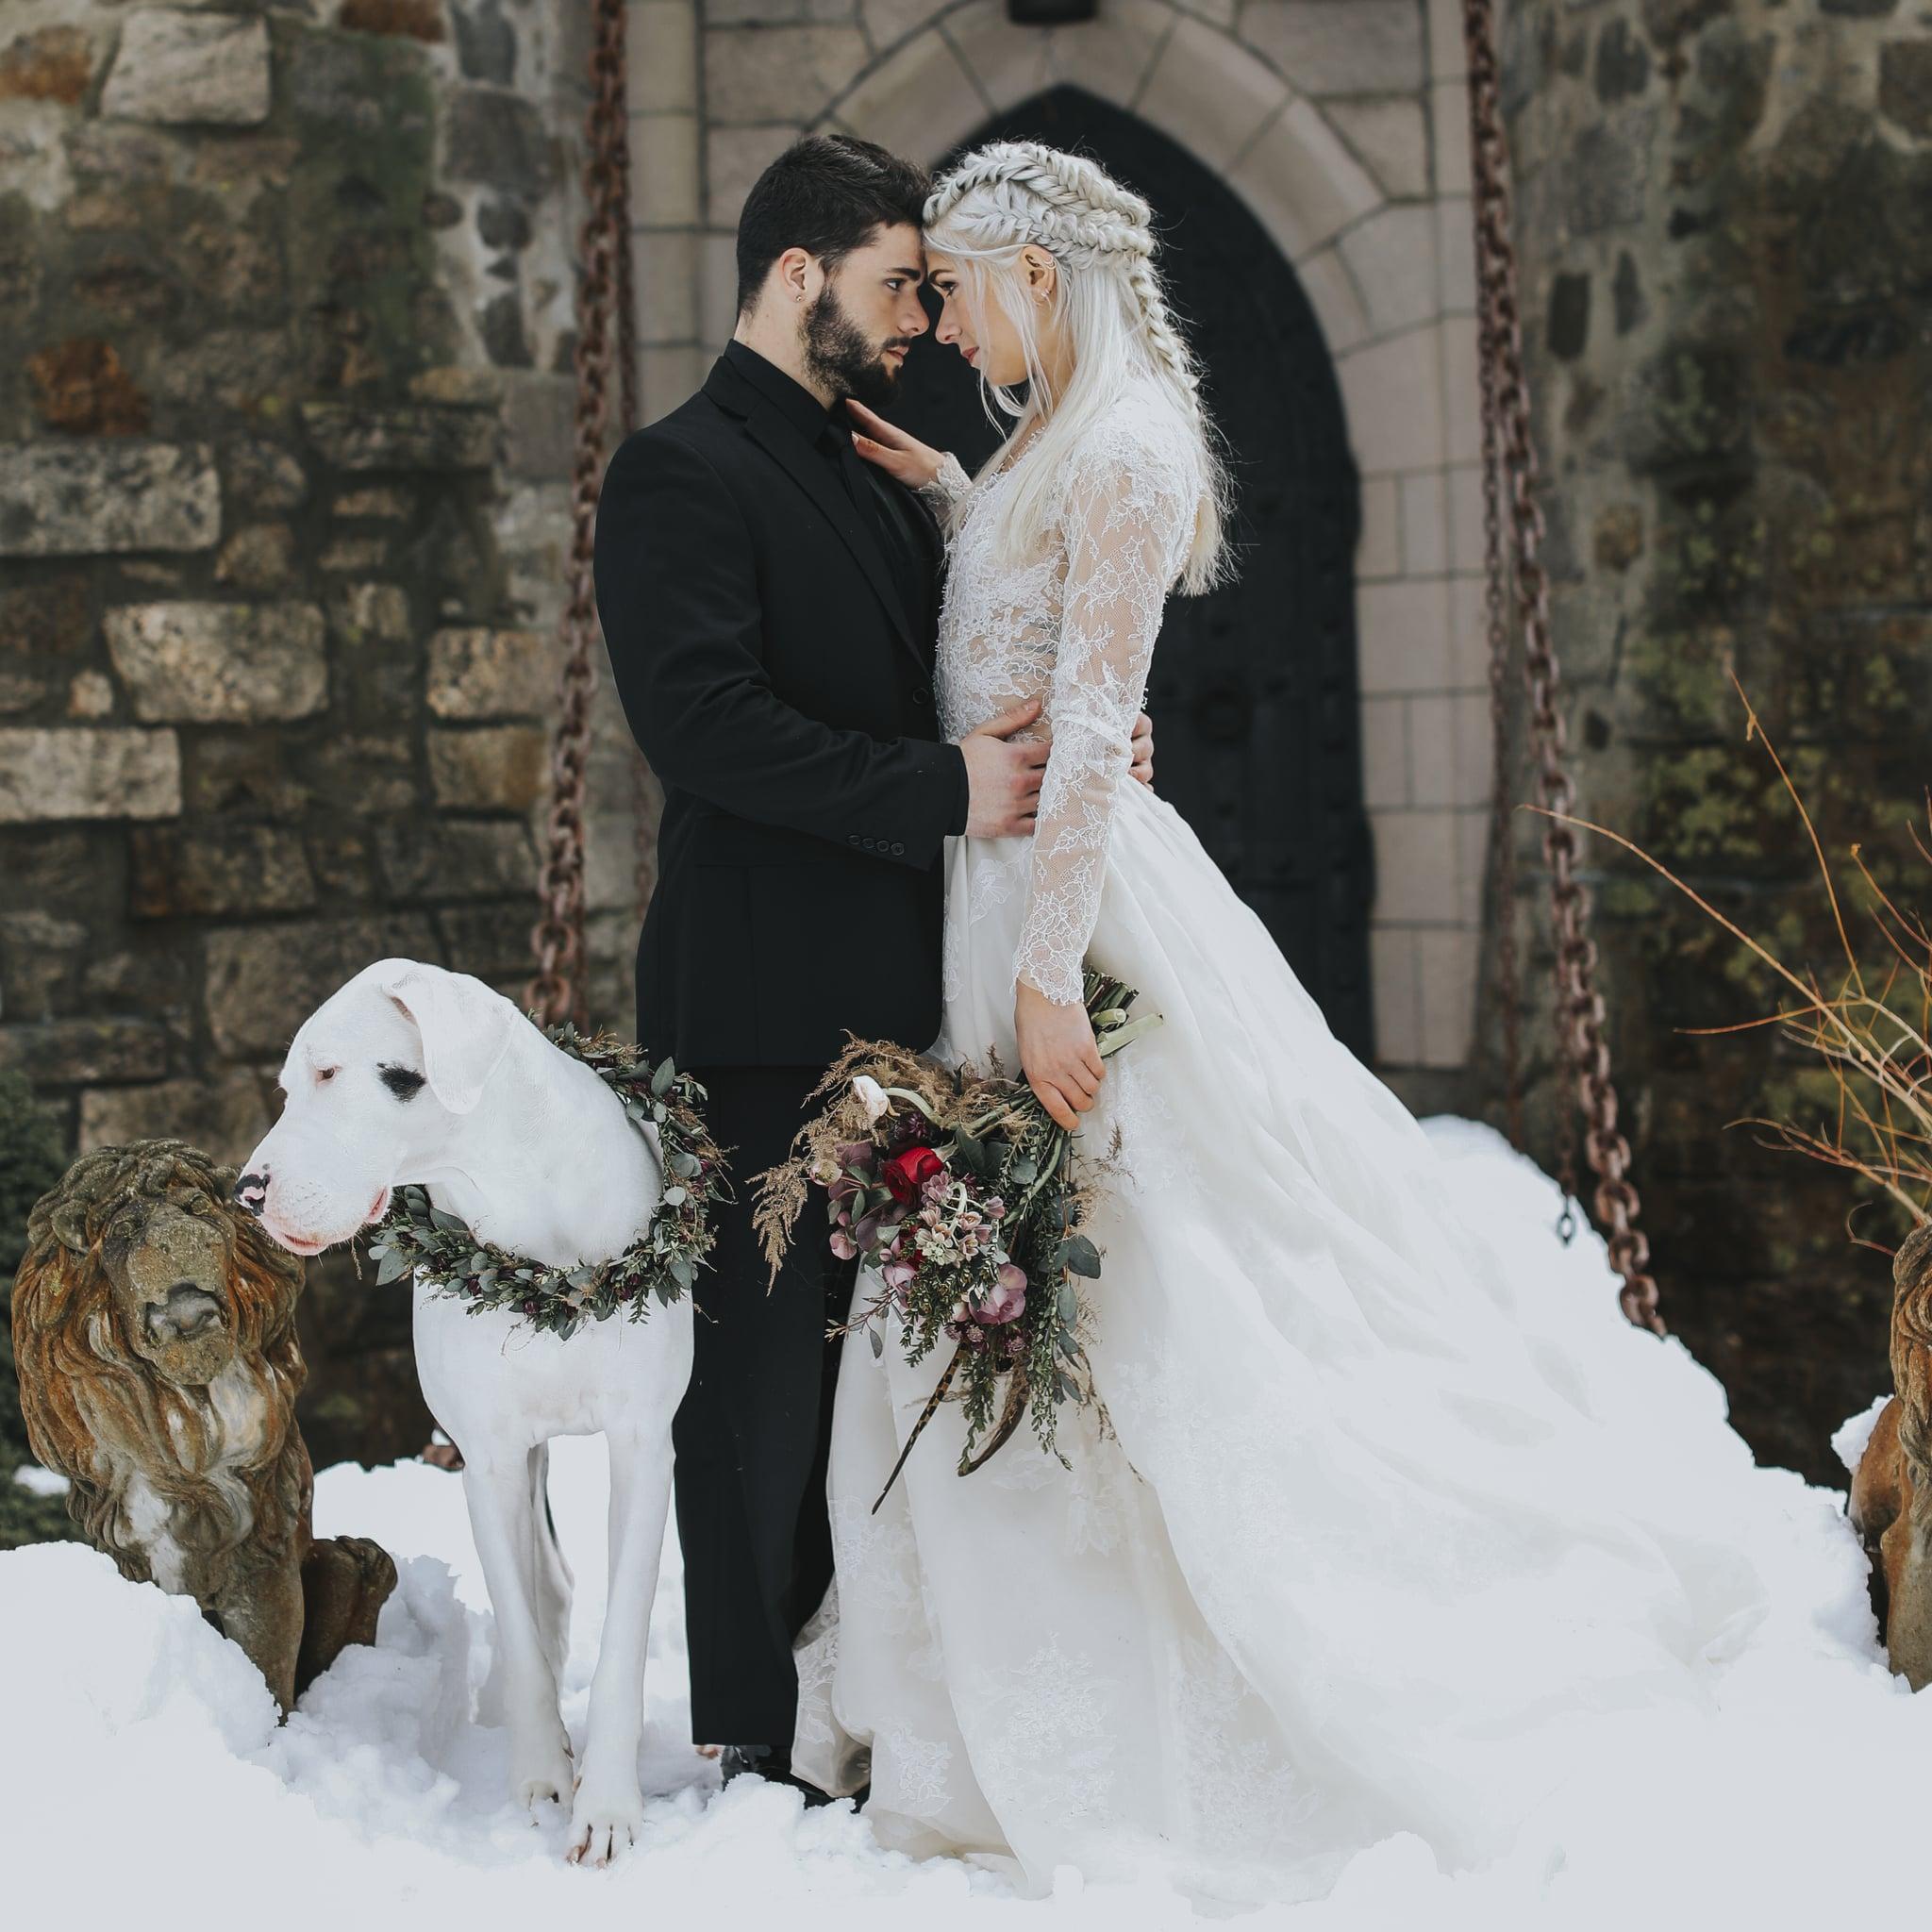 Game Of Thrones Wedding.Game Of Thrones Wedding 2019 Popsugar Love Sex